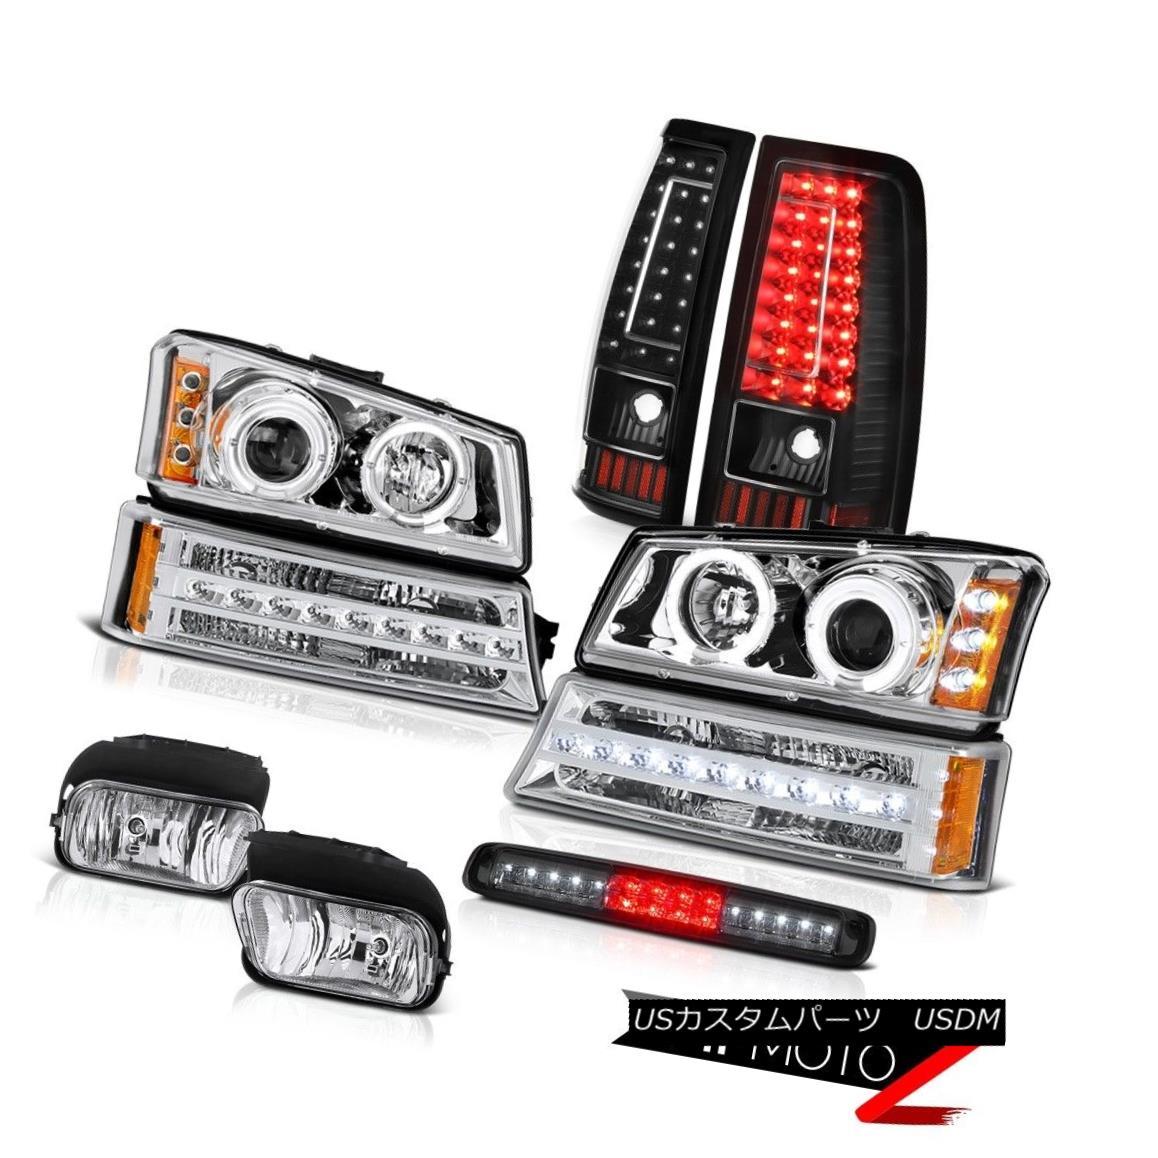 テールライト 03 04 05 06 Silverado 1500 3RD Brake Lamp Fog Lights Taillamps Signal Headlights 03 04 05 06 Silverado 1500 3RDブレーキランプフォグライトタイヤランプ信号ヘッドライト